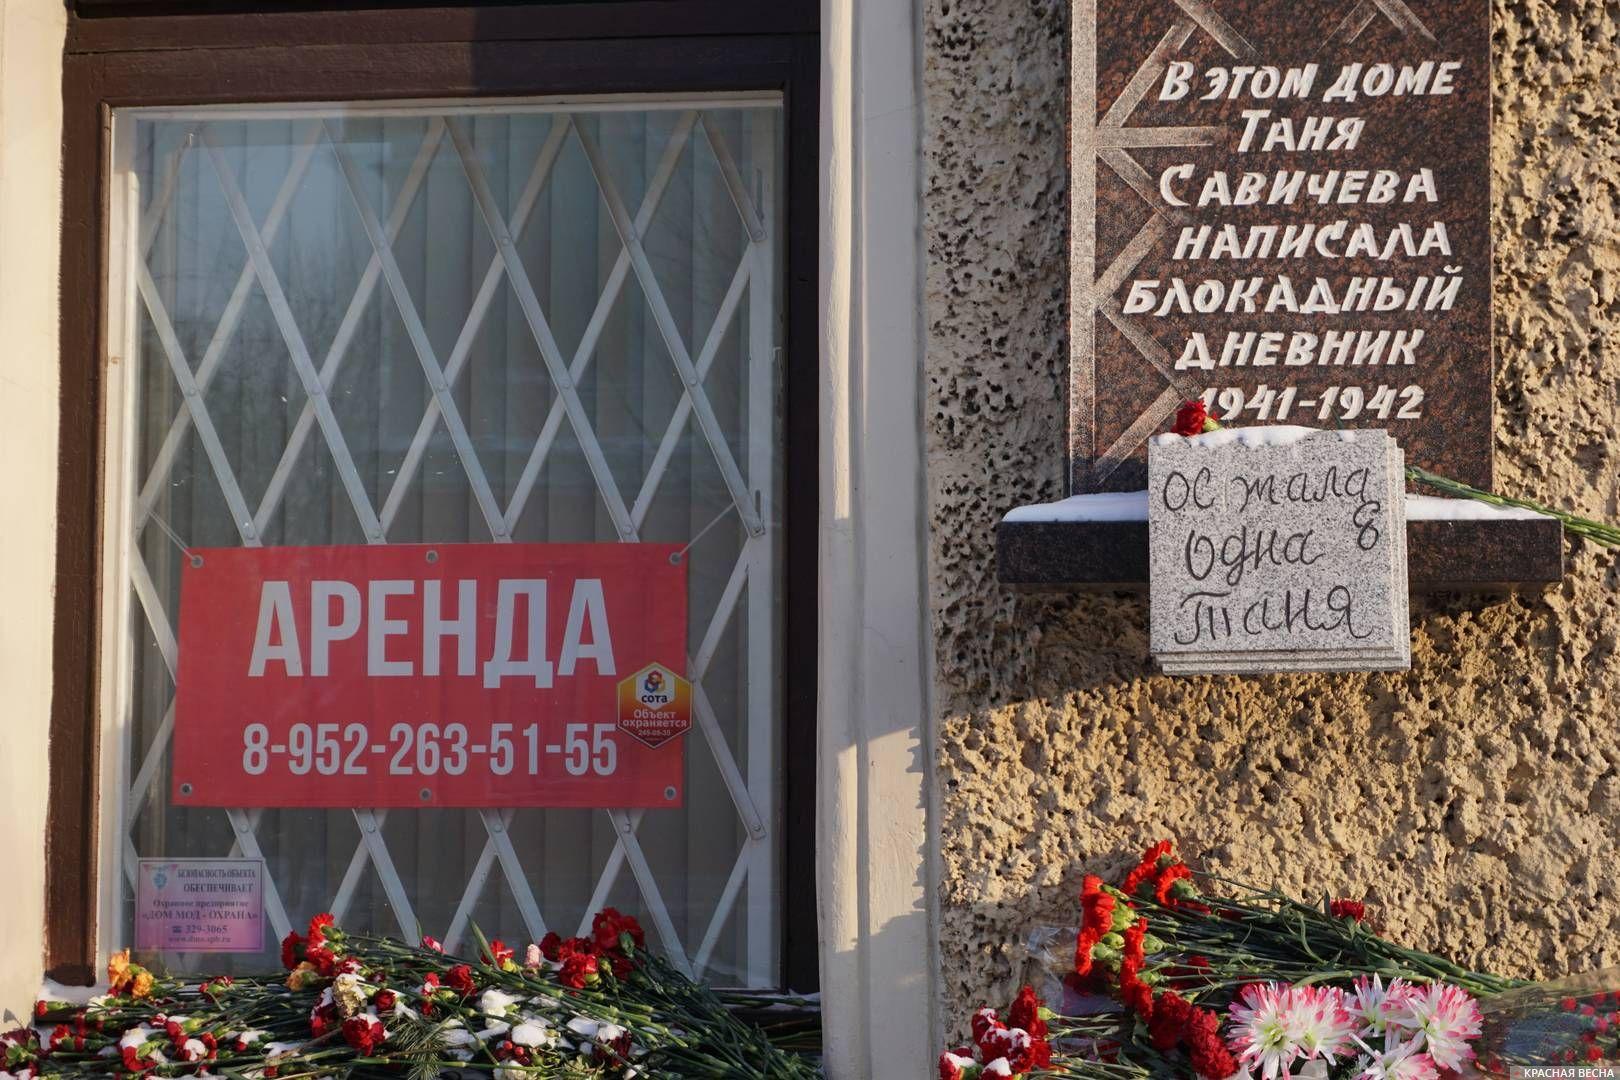 Рекламное объявление рядом с мемориальной доской памяти Тани Савичевой. Санкт-Петербург. 27.01.2019